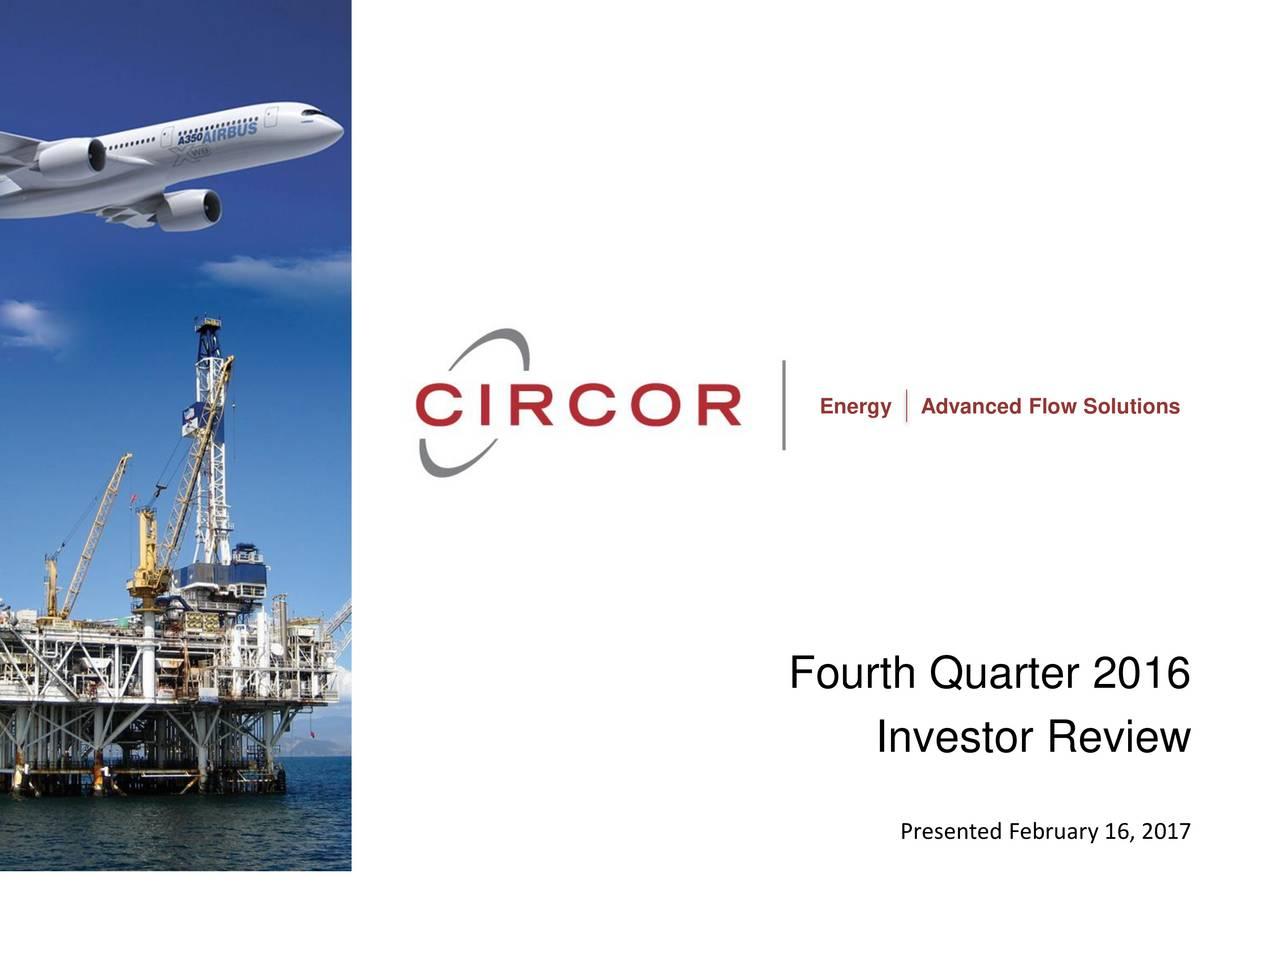 Fourth Quarter 2016 Investor Review Presented February 16, 2017